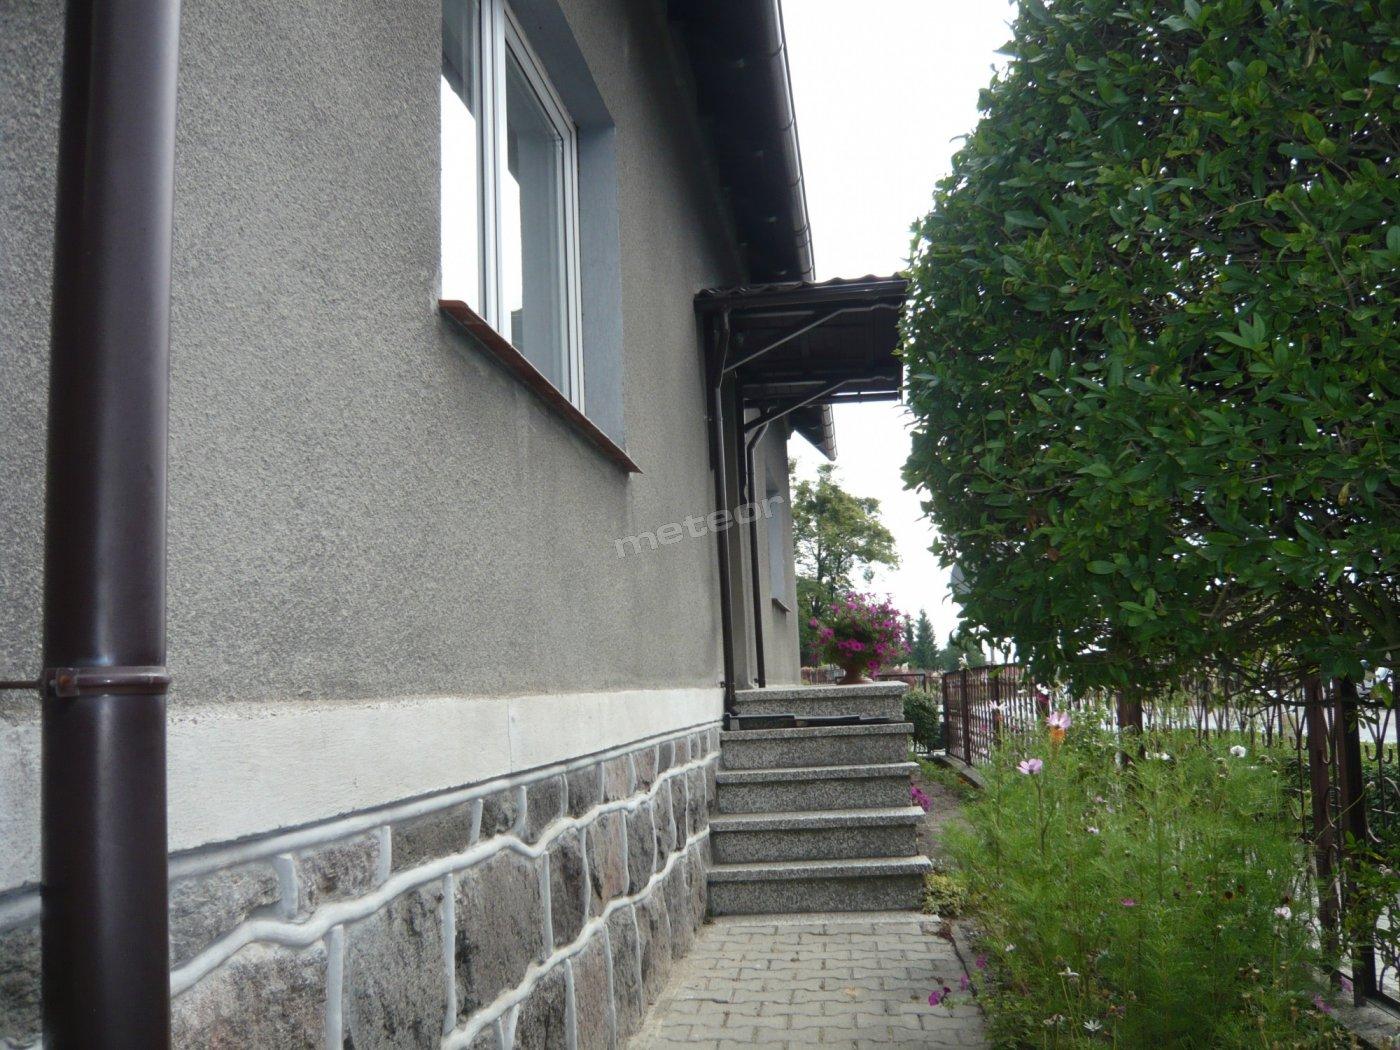 Dom od strony ulicy.